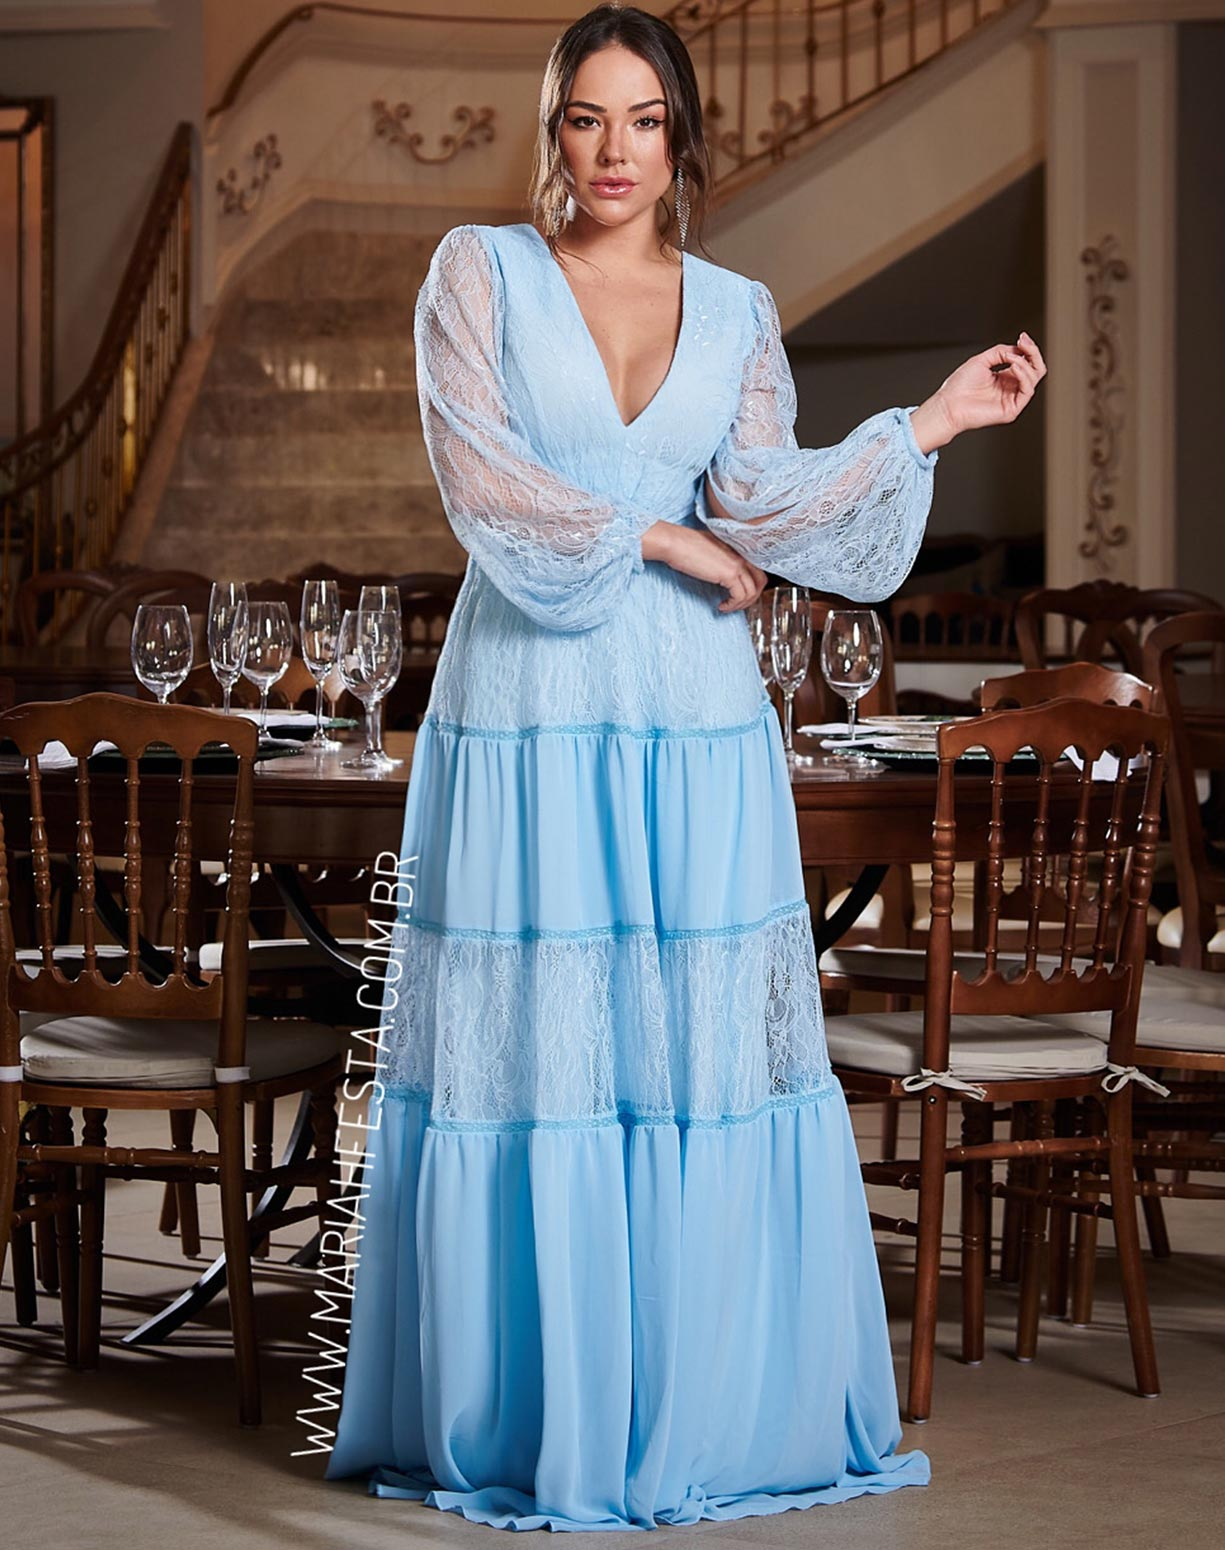 Vestido Azul Serenity Com Saia Evasê em Mix de Renda e Musseline